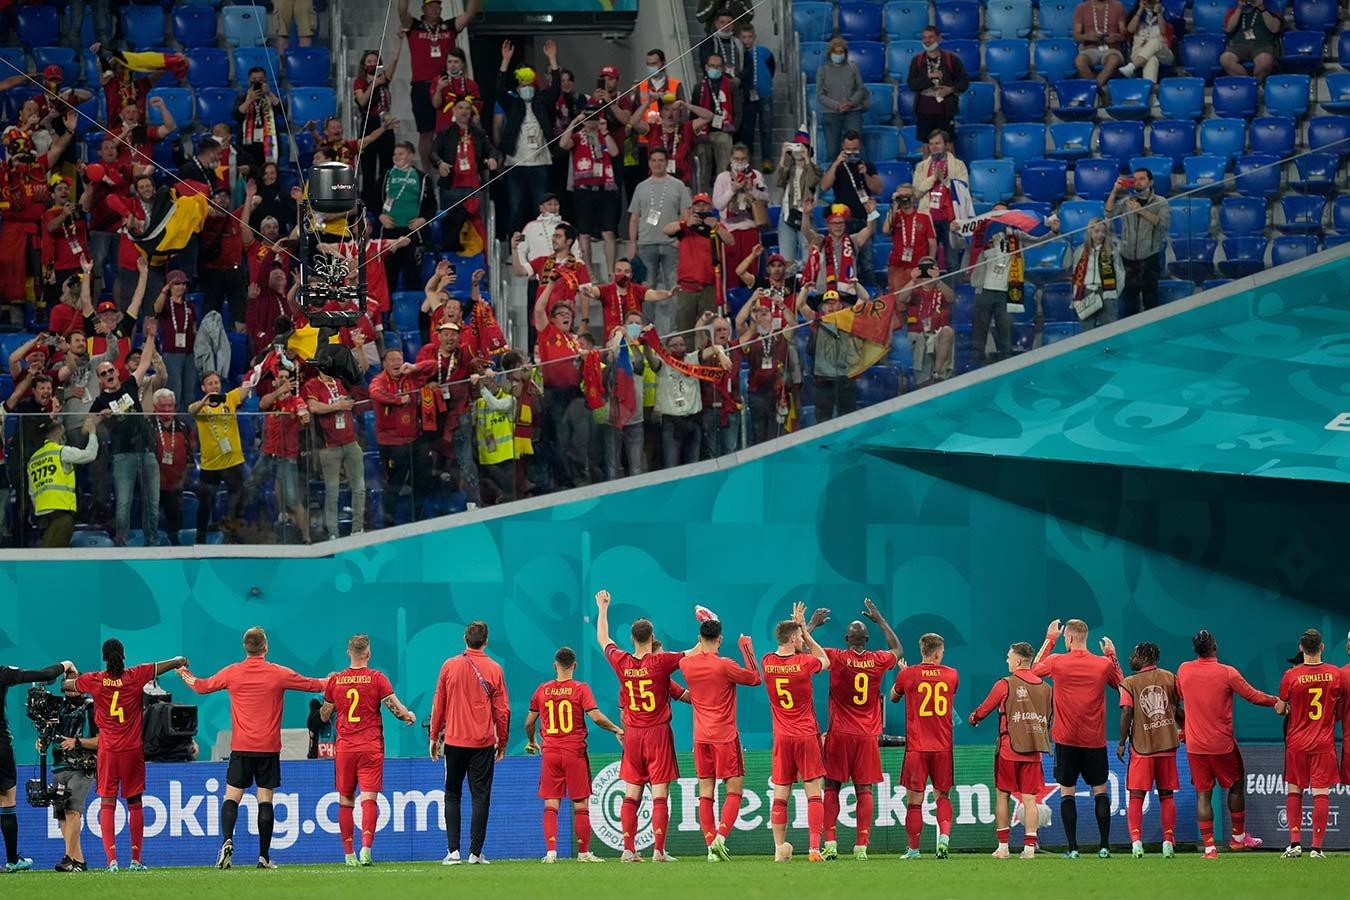 Бельгийские болельщики поддержали российских фанатов, освиставших сборную Бельгии